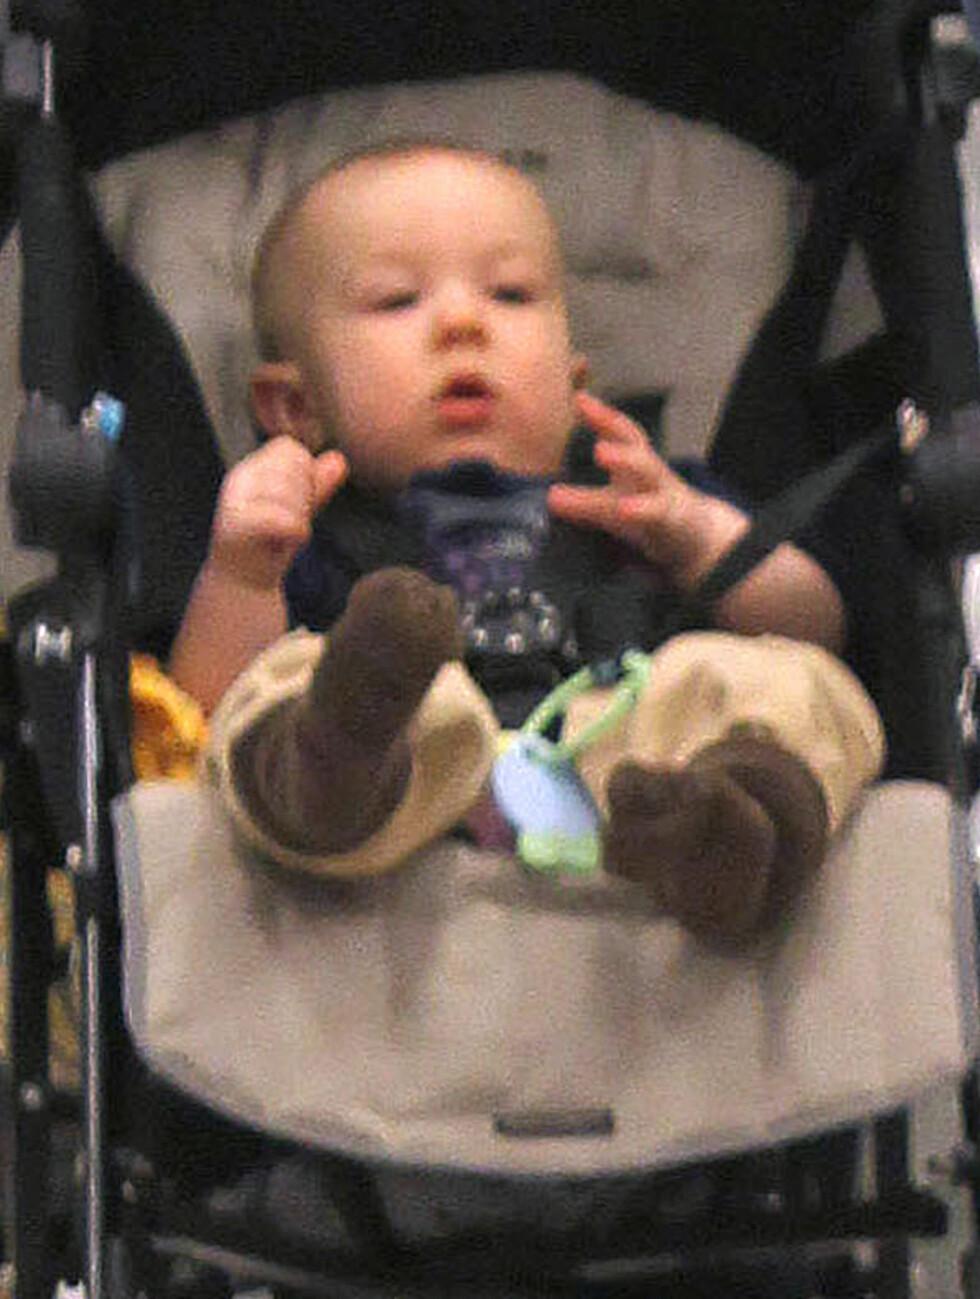 KOSTE SEG: Xander hadde mye spennende å se på da han satt i barnevognen sin. Foto: Stella Pictures